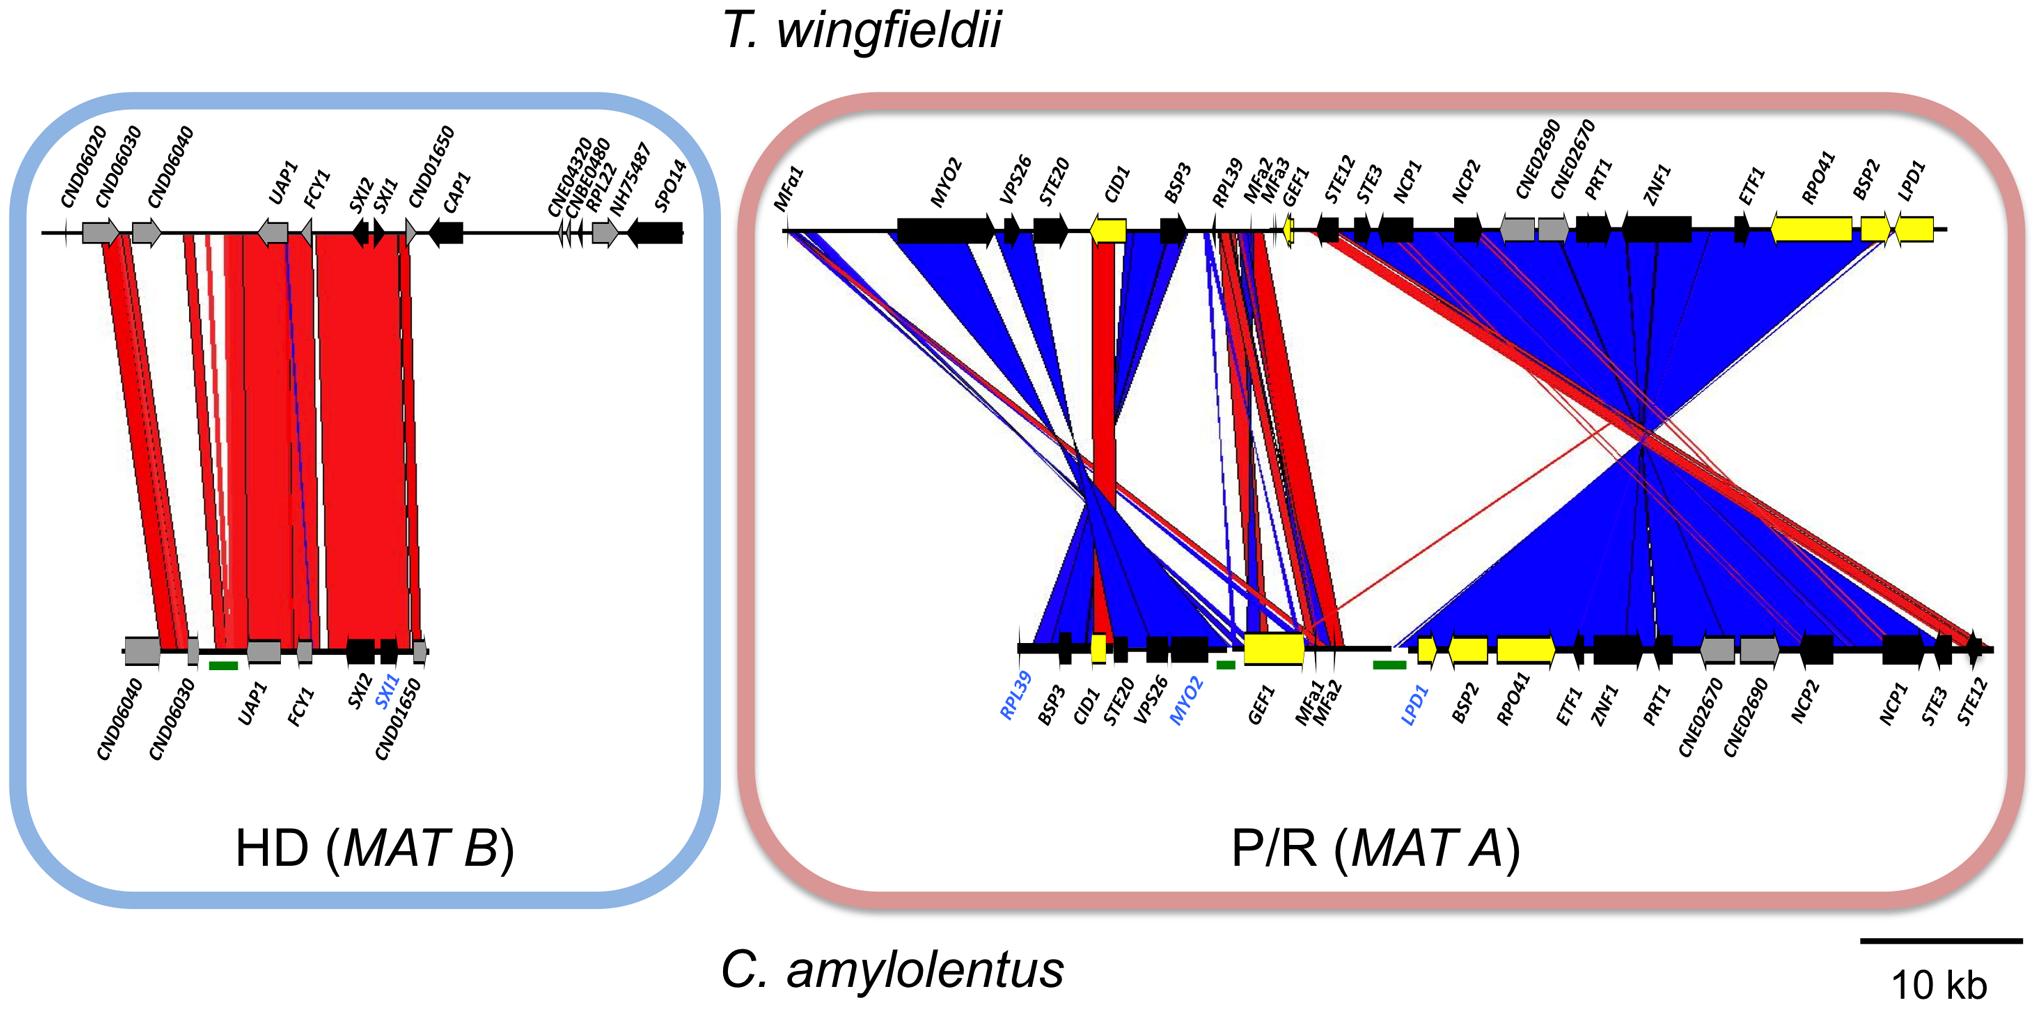 Synteny analysis of <i>MAT</i> sequences from <i>T. wingfieldii</i> and <i>C. amylolentus</i>.